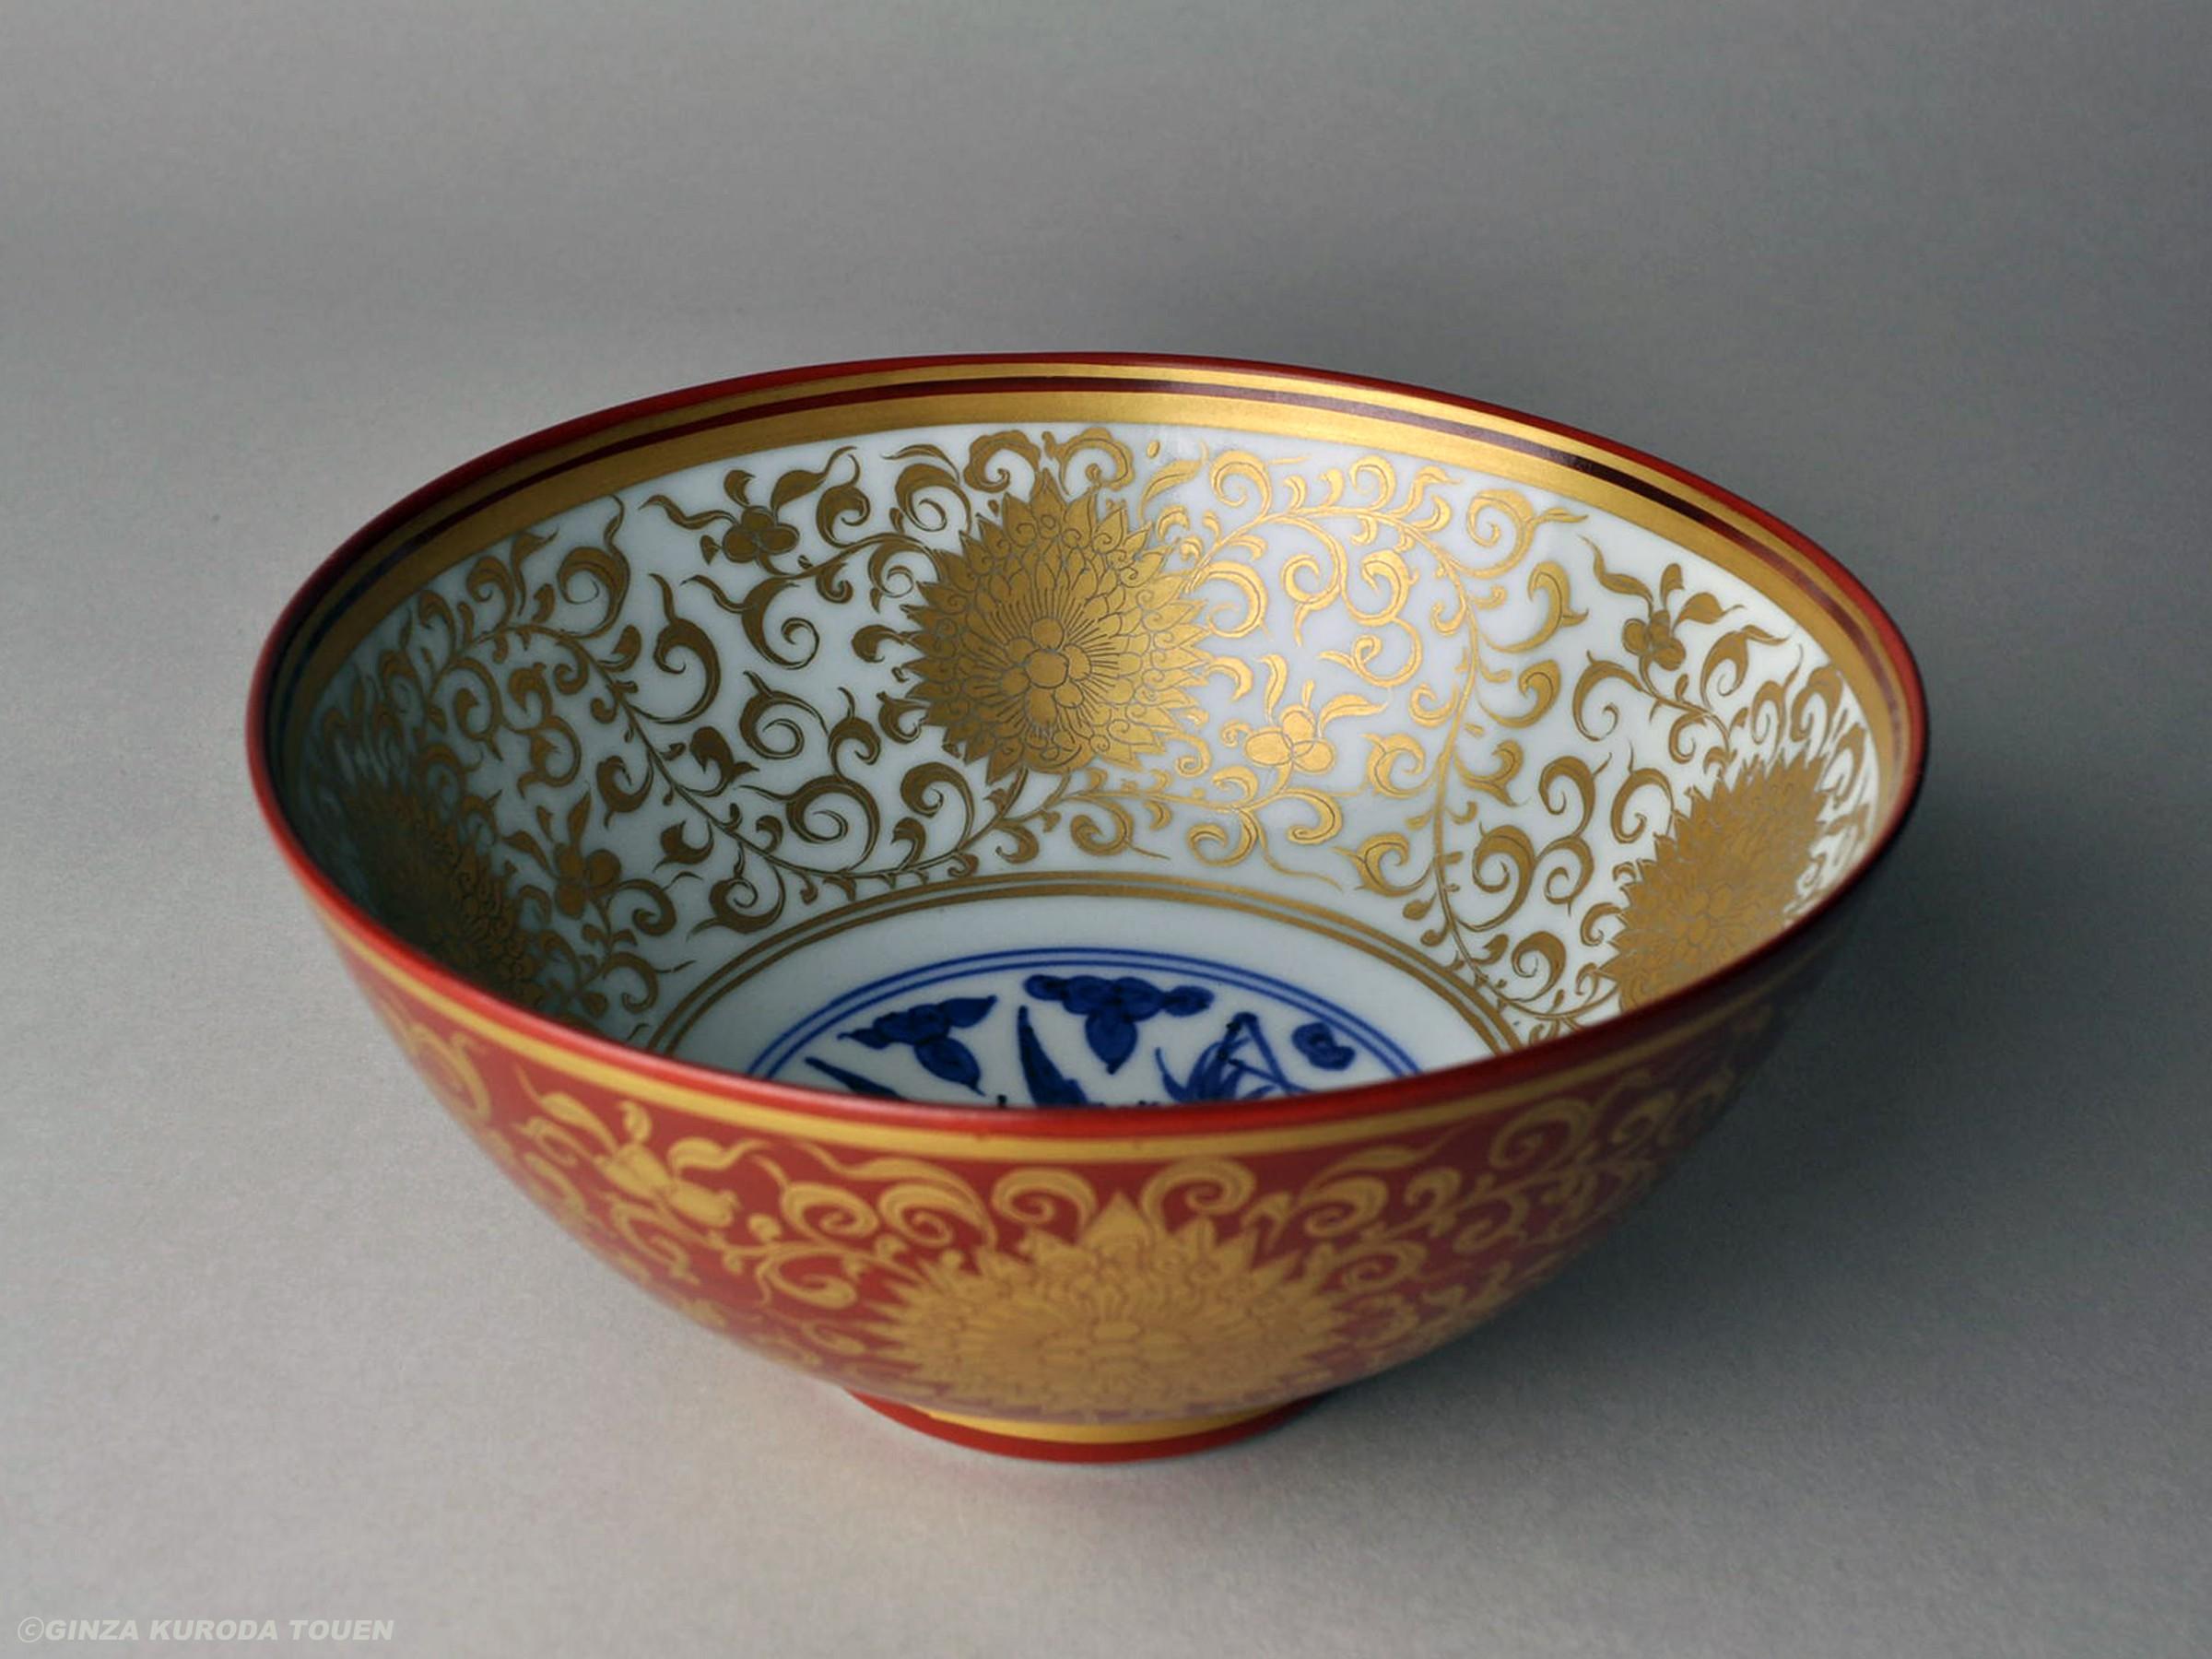 Chikushun Kawase I: Bowl, Kinrande type